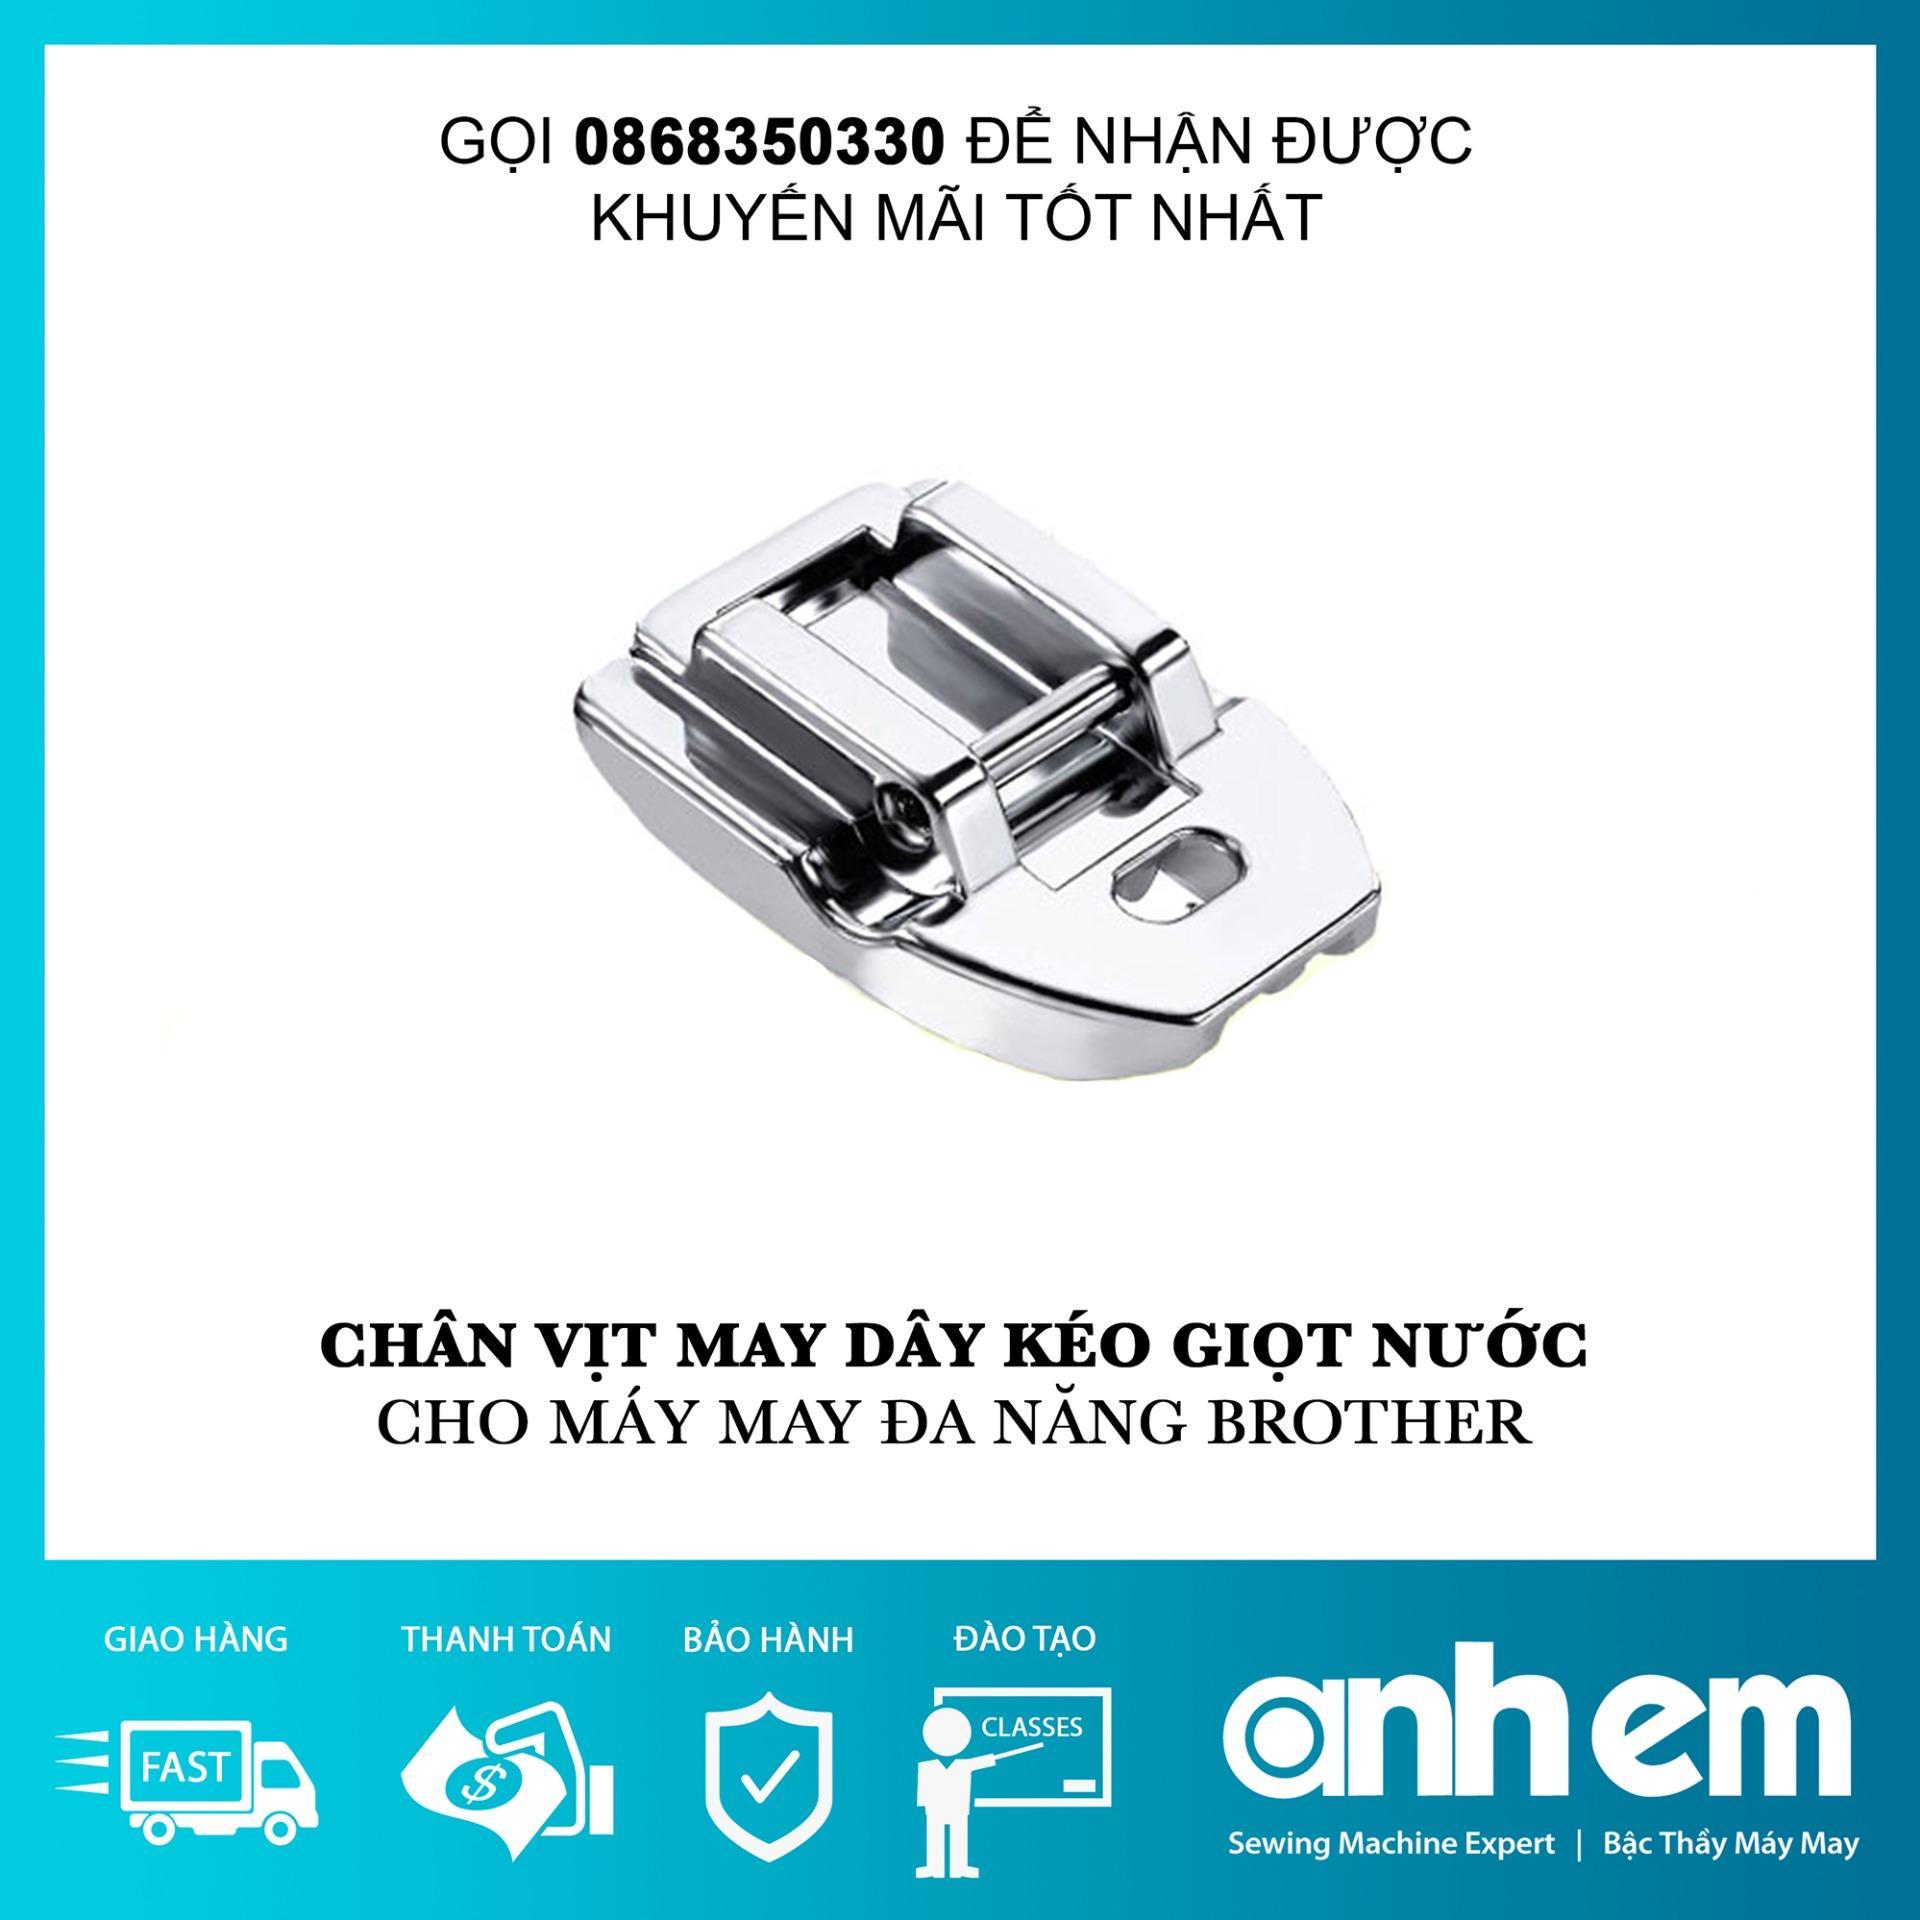 Chân Vịt May Dây Kéo Giọt Nước F004N - Máy May Đa Năng Brother